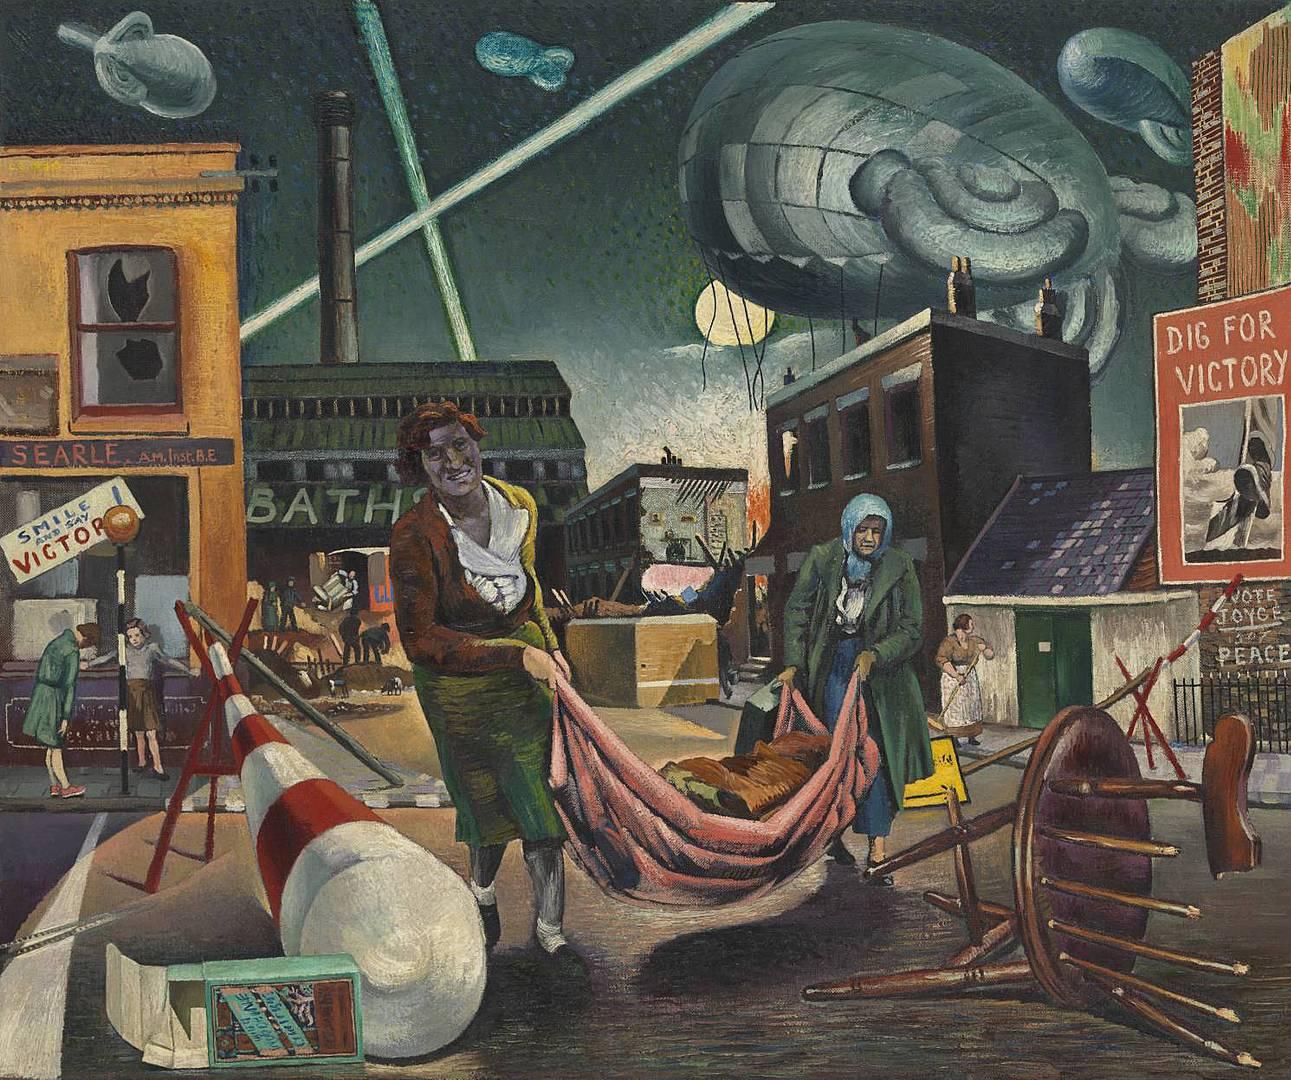 Клайв Брэнсон. Разбомбленные и прожектора. 1940